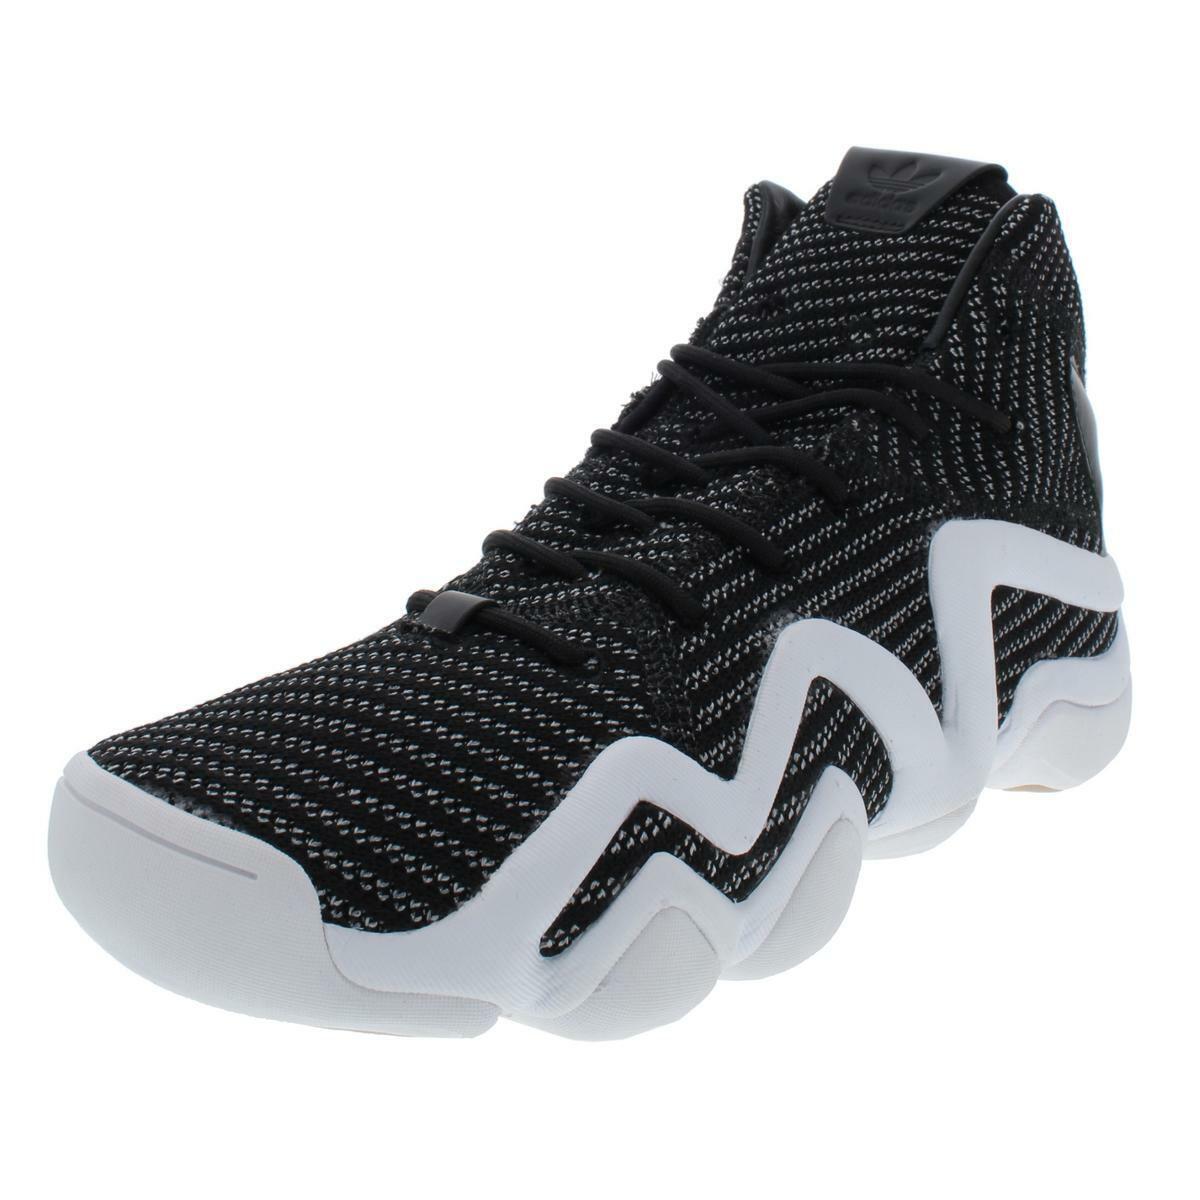 Adidas Originals para hombre Crazy 8 ADV Pk Deporte Baloncesto Calzado Tenis BHFO 5114